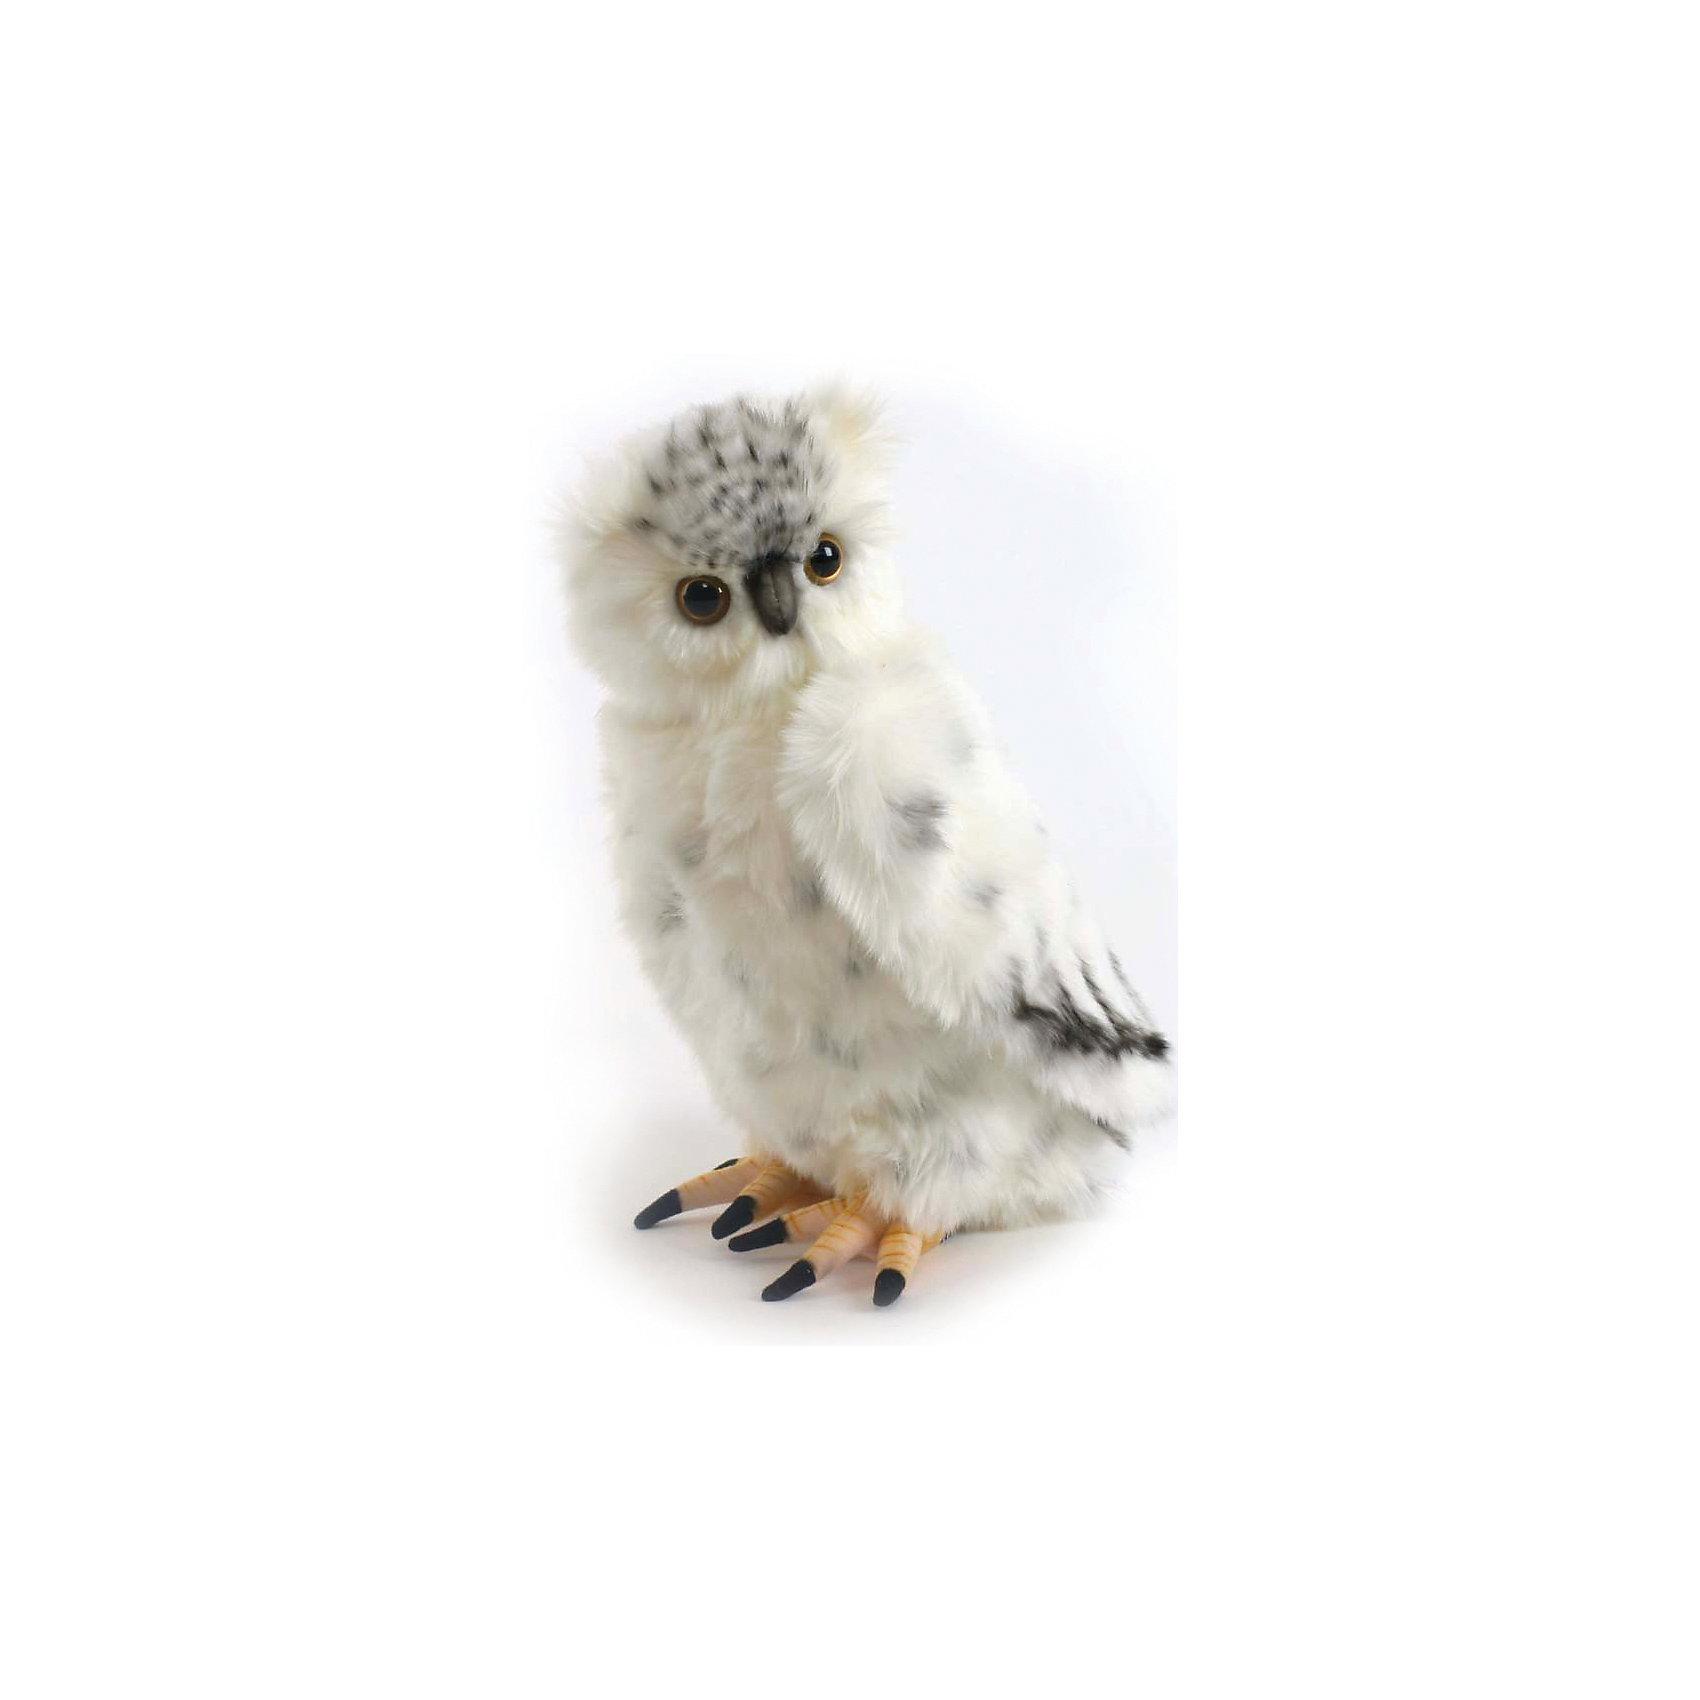 Полярная сова, 33 смМягкие игрушки животные<br>Полярная сова, 33 см – игрушка от знаменитого бренда Hansa, специализирующегося на выпуске мягких игрушек с высокой степенью натуралистичности. Внешний вид игрушечной совы полностью соответствует реальному прототипу – полярной сове. Игрушка выполнена из светлого меха с ворсом средней длины, который обладает гипоаллергенными свойствами. Внутри имеется металлический каркас, который позволяет изменять положение. Игрушка относится к серии Хищные птицы. <br>Мягкие игрушки от Hansa подходят для сюжетно-ролевых игр или для обучающих игр. Кроме того, их можно использовать в качестве интерьерных игрушек. Игрушки от Hansa будут радовать вашего ребенка долгое время, так как ручная работа и качественные материалы гарантируют их долговечность и прочность.<br><br>Дополнительная информация:<br><br>- Вид игр: сюжетно-ролевые игры, коллекционирование, интерьерные игрушки<br>- Предназначение: для дома, для детских развивающих центров, для детских садов<br>- Материал: искусственный мех, наполнитель ? полиэфирное волокно<br>- Размер (ДхШхВ): 18*33*6 см<br>- Вес: 690 г<br>- Особенности ухода: сухая чистка при помощи пылесоса или щетки для одежды<br><br>Подробнее:<br><br>• Для детей в возрасте: от 3 лет <br>• Страна производитель: Филиппины<br>• Торговый бренд: Hansa<br><br>Полярную сову, 33 см можно купить в нашем интернет-магазине.<br><br>Ширина мм: 18<br>Глубина мм: 33<br>Высота мм: 6<br>Вес г: 690<br>Возраст от месяцев: 36<br>Возраст до месяцев: 2147483647<br>Пол: Унисекс<br>Возраст: Детский<br>SKU: 4927166